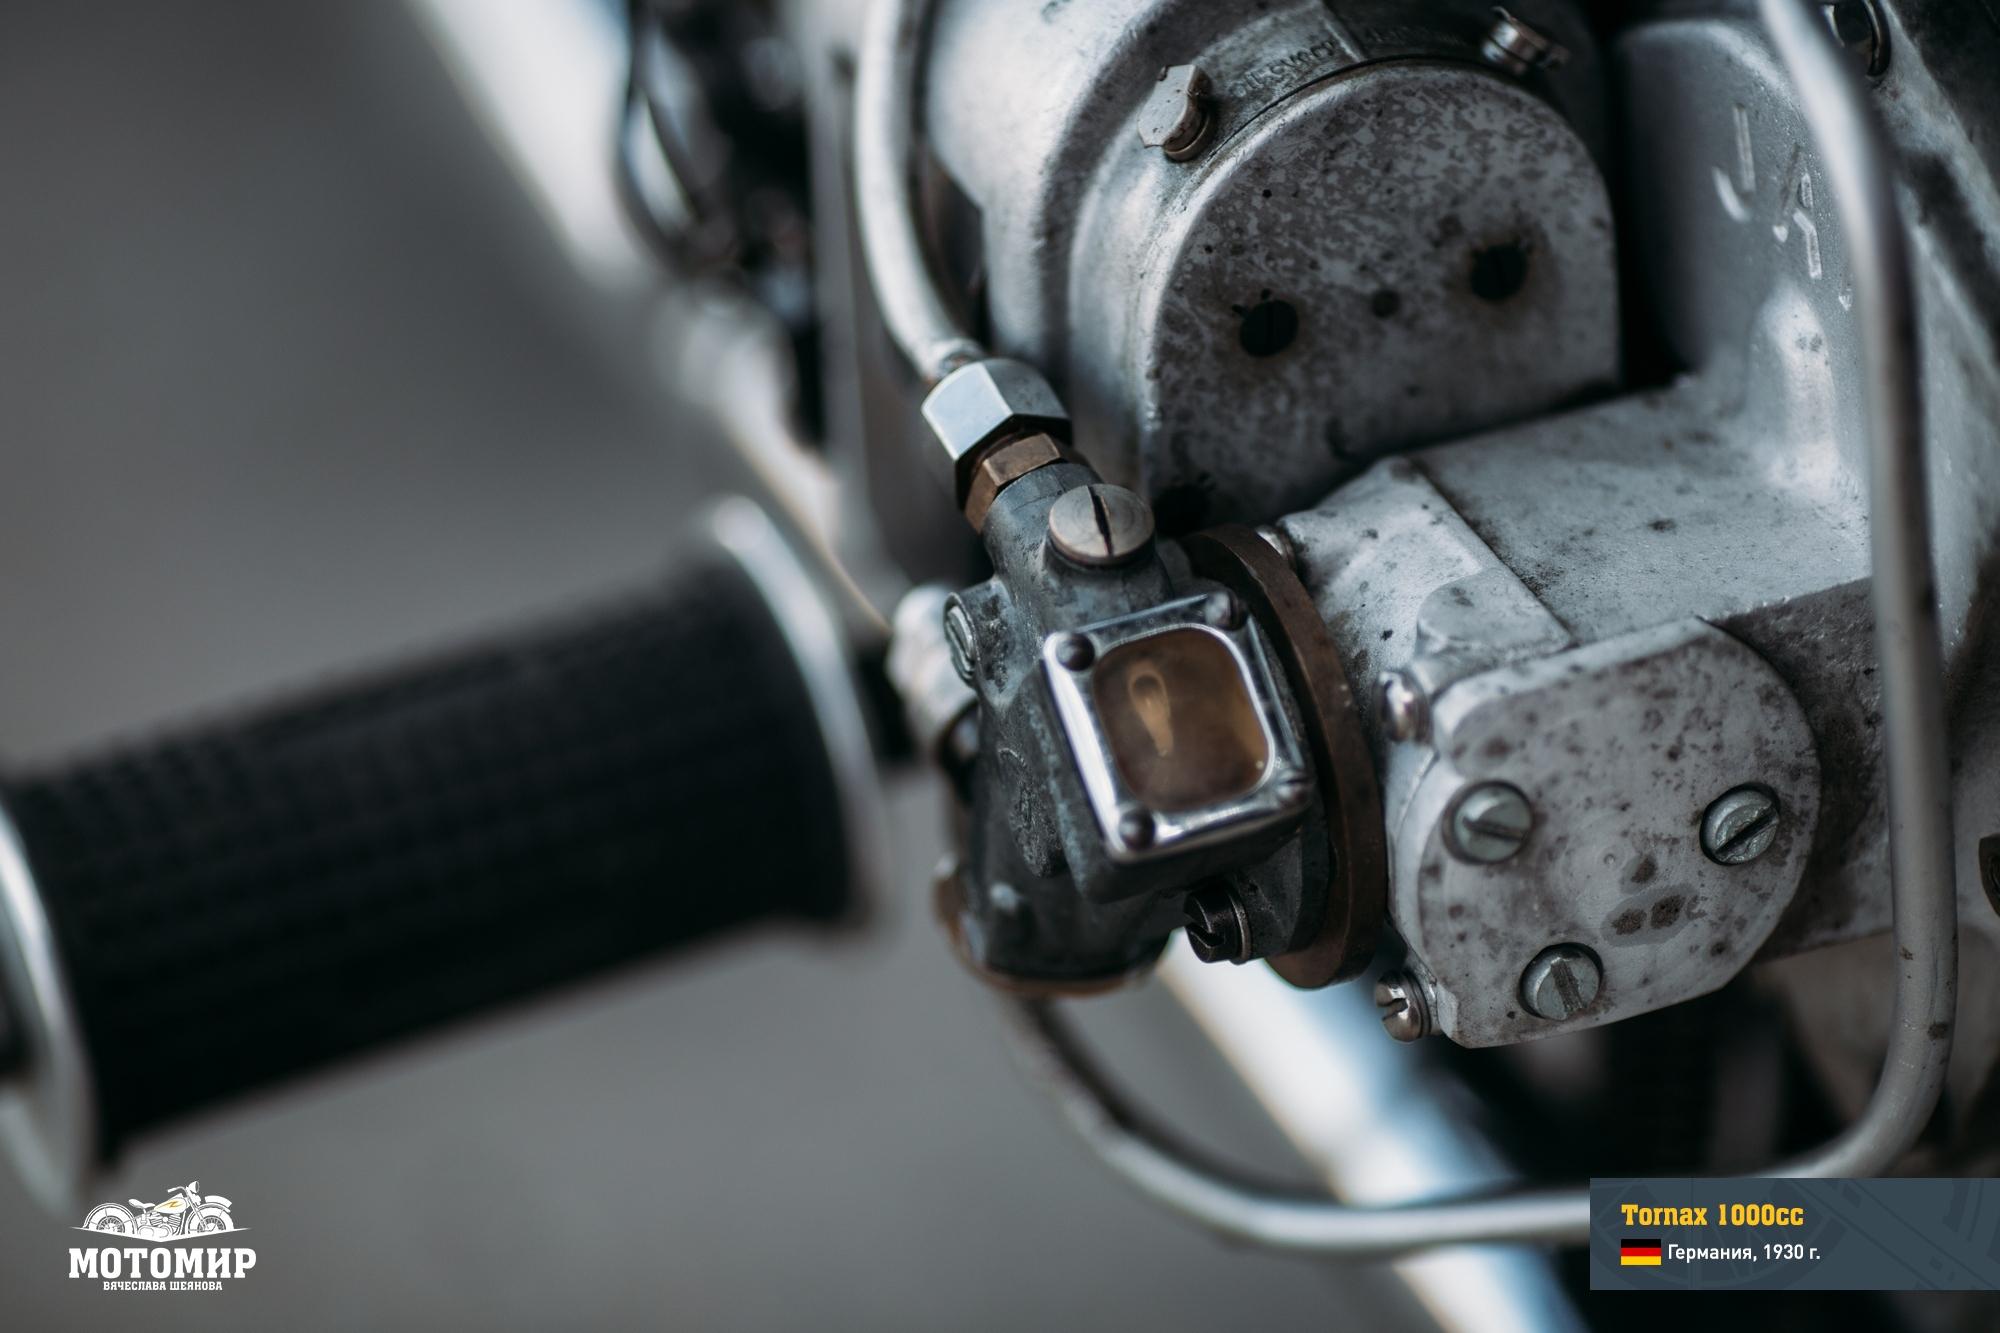 tornax-1000cc-201509-web-19